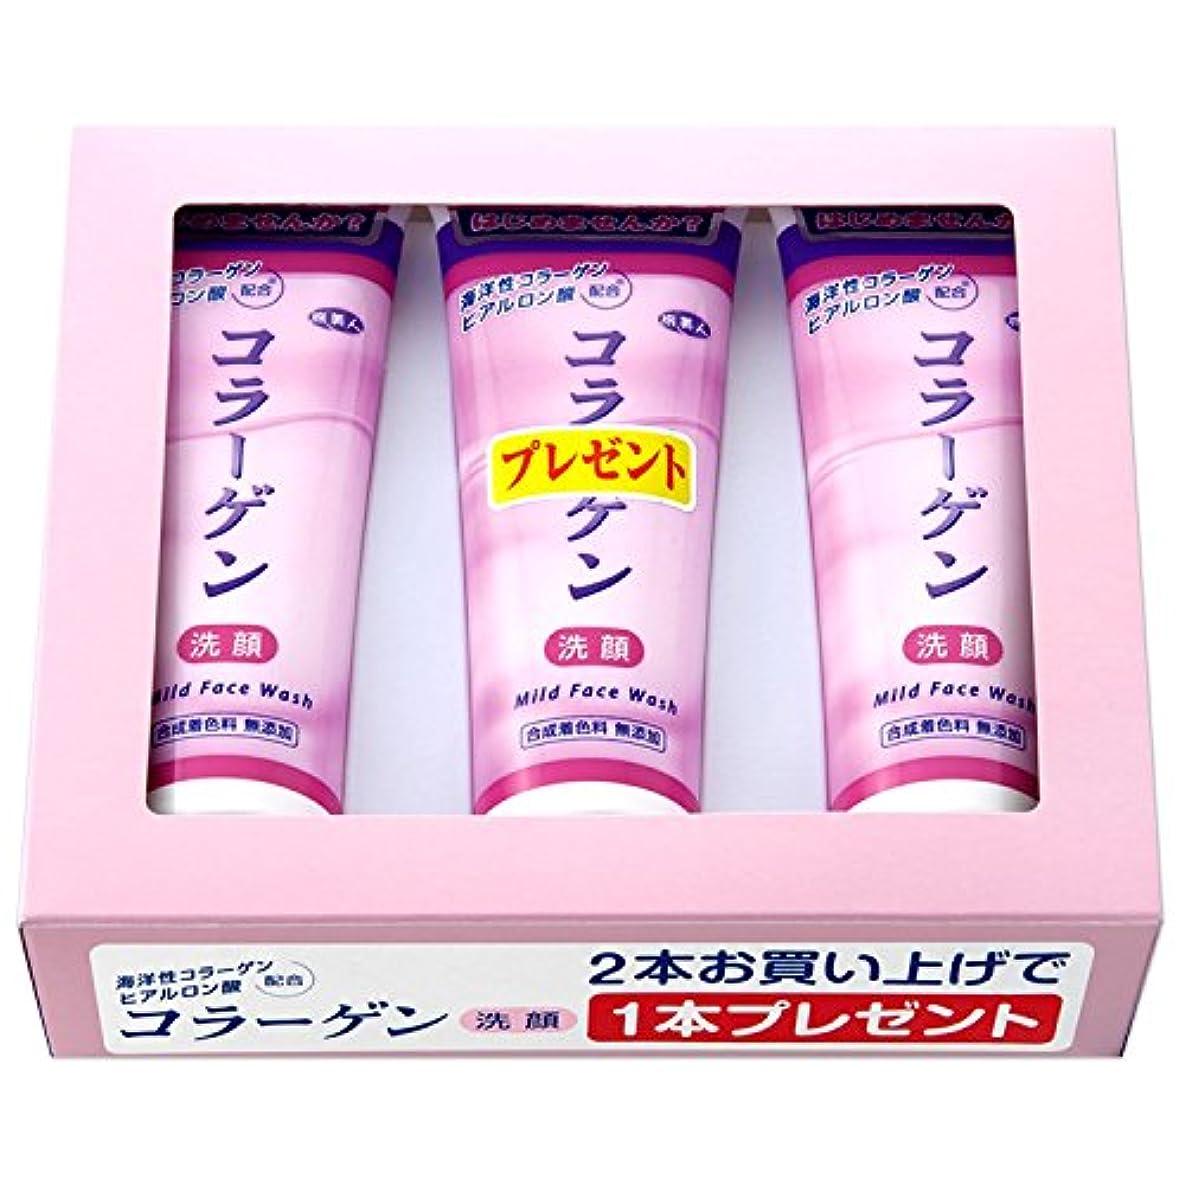 すなわちキャプションハシーアズマ商事の コラーゲン洗顔クリーム お得な 2本の値段で3本入りセット